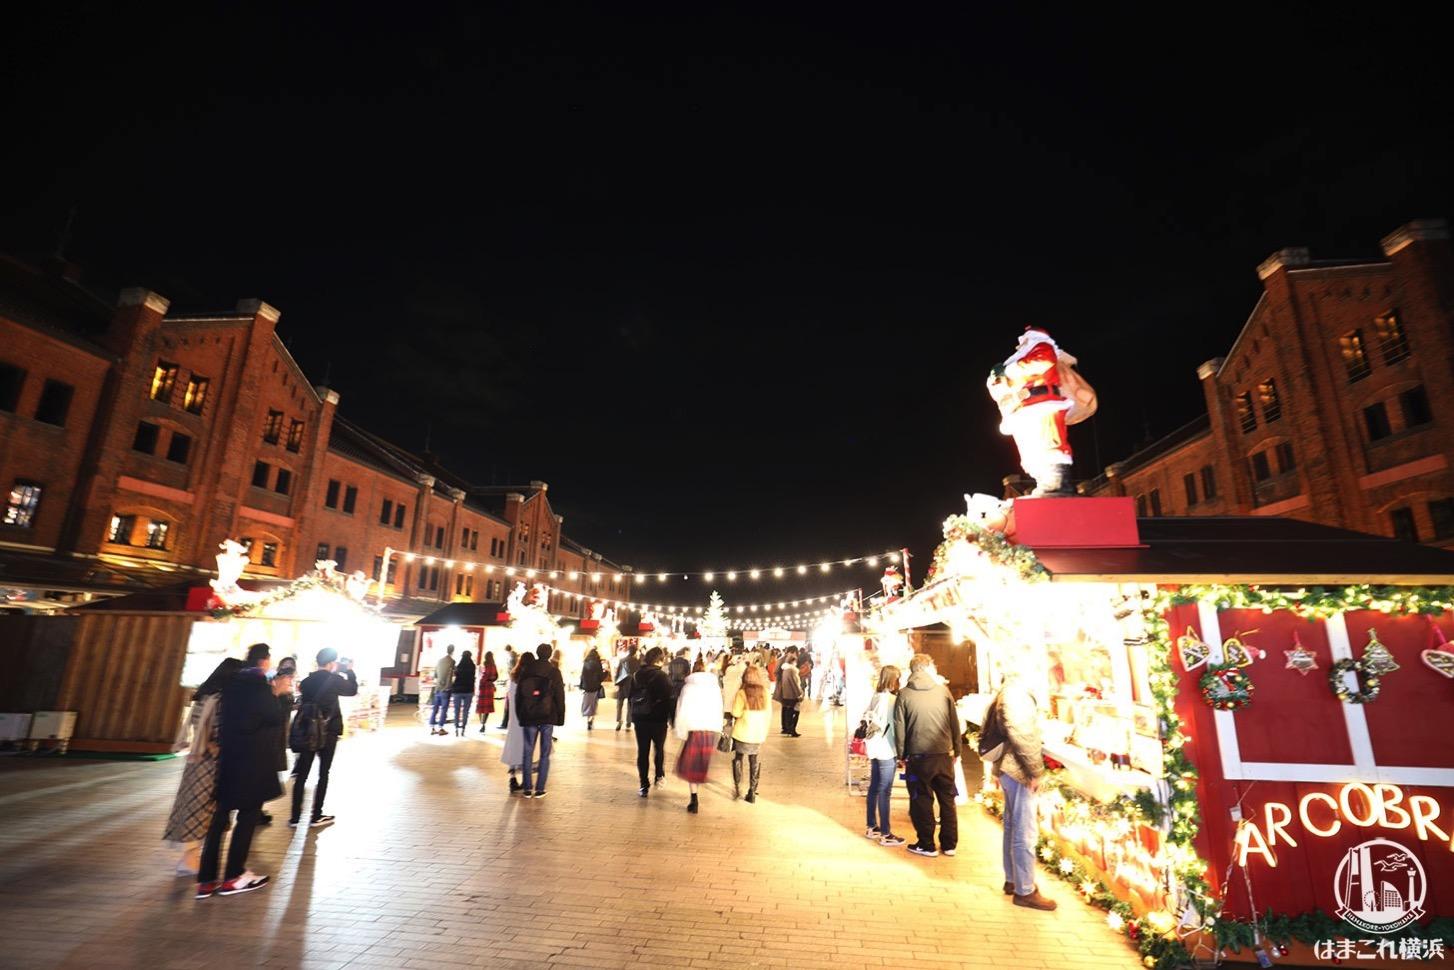 2020年 クリスマスマーケット in 横浜赤レンガ倉庫